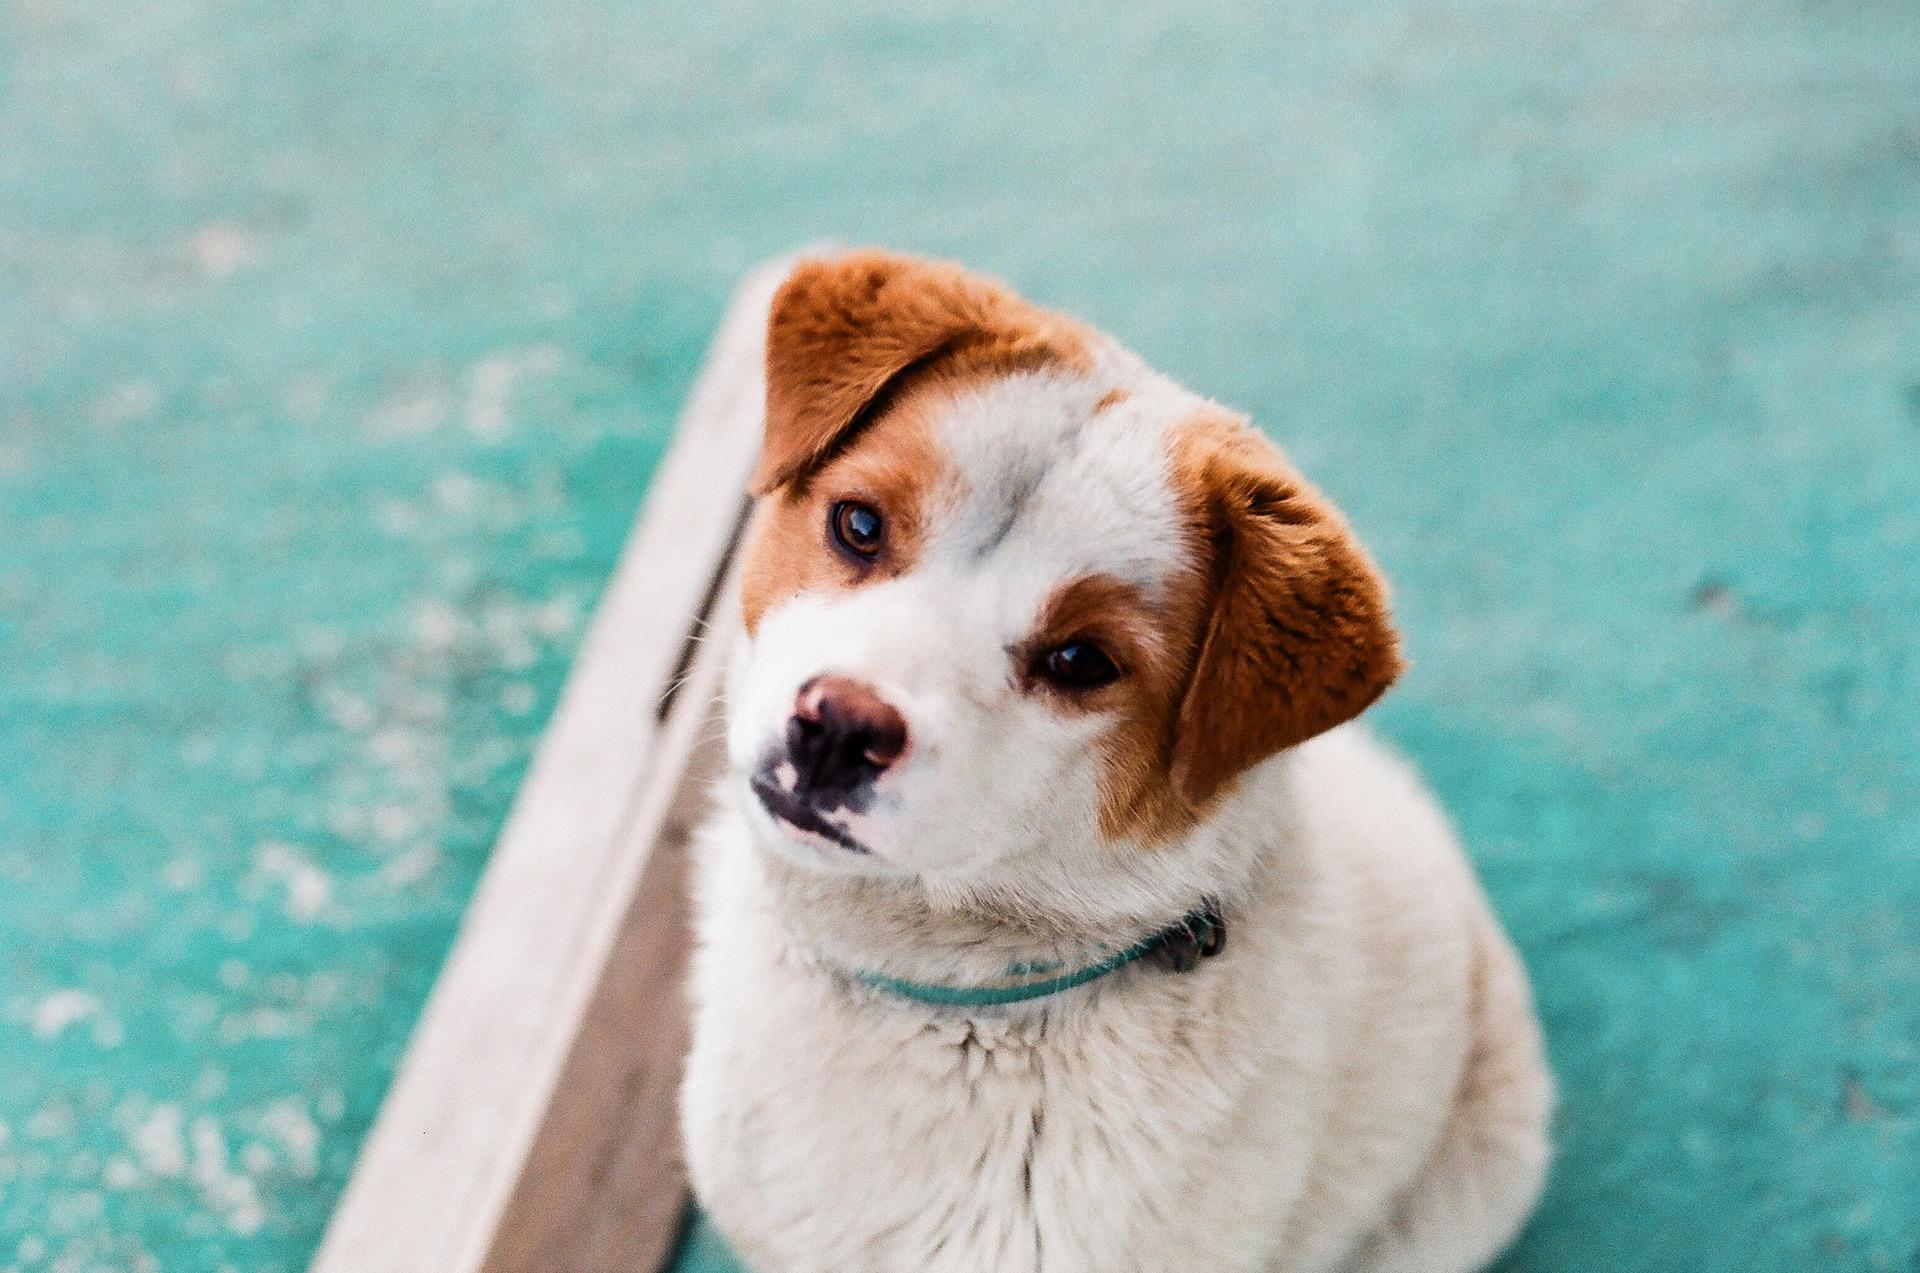 לא רק בגלל החוק: כל הסיבות לבצע חיסונים לכלבים